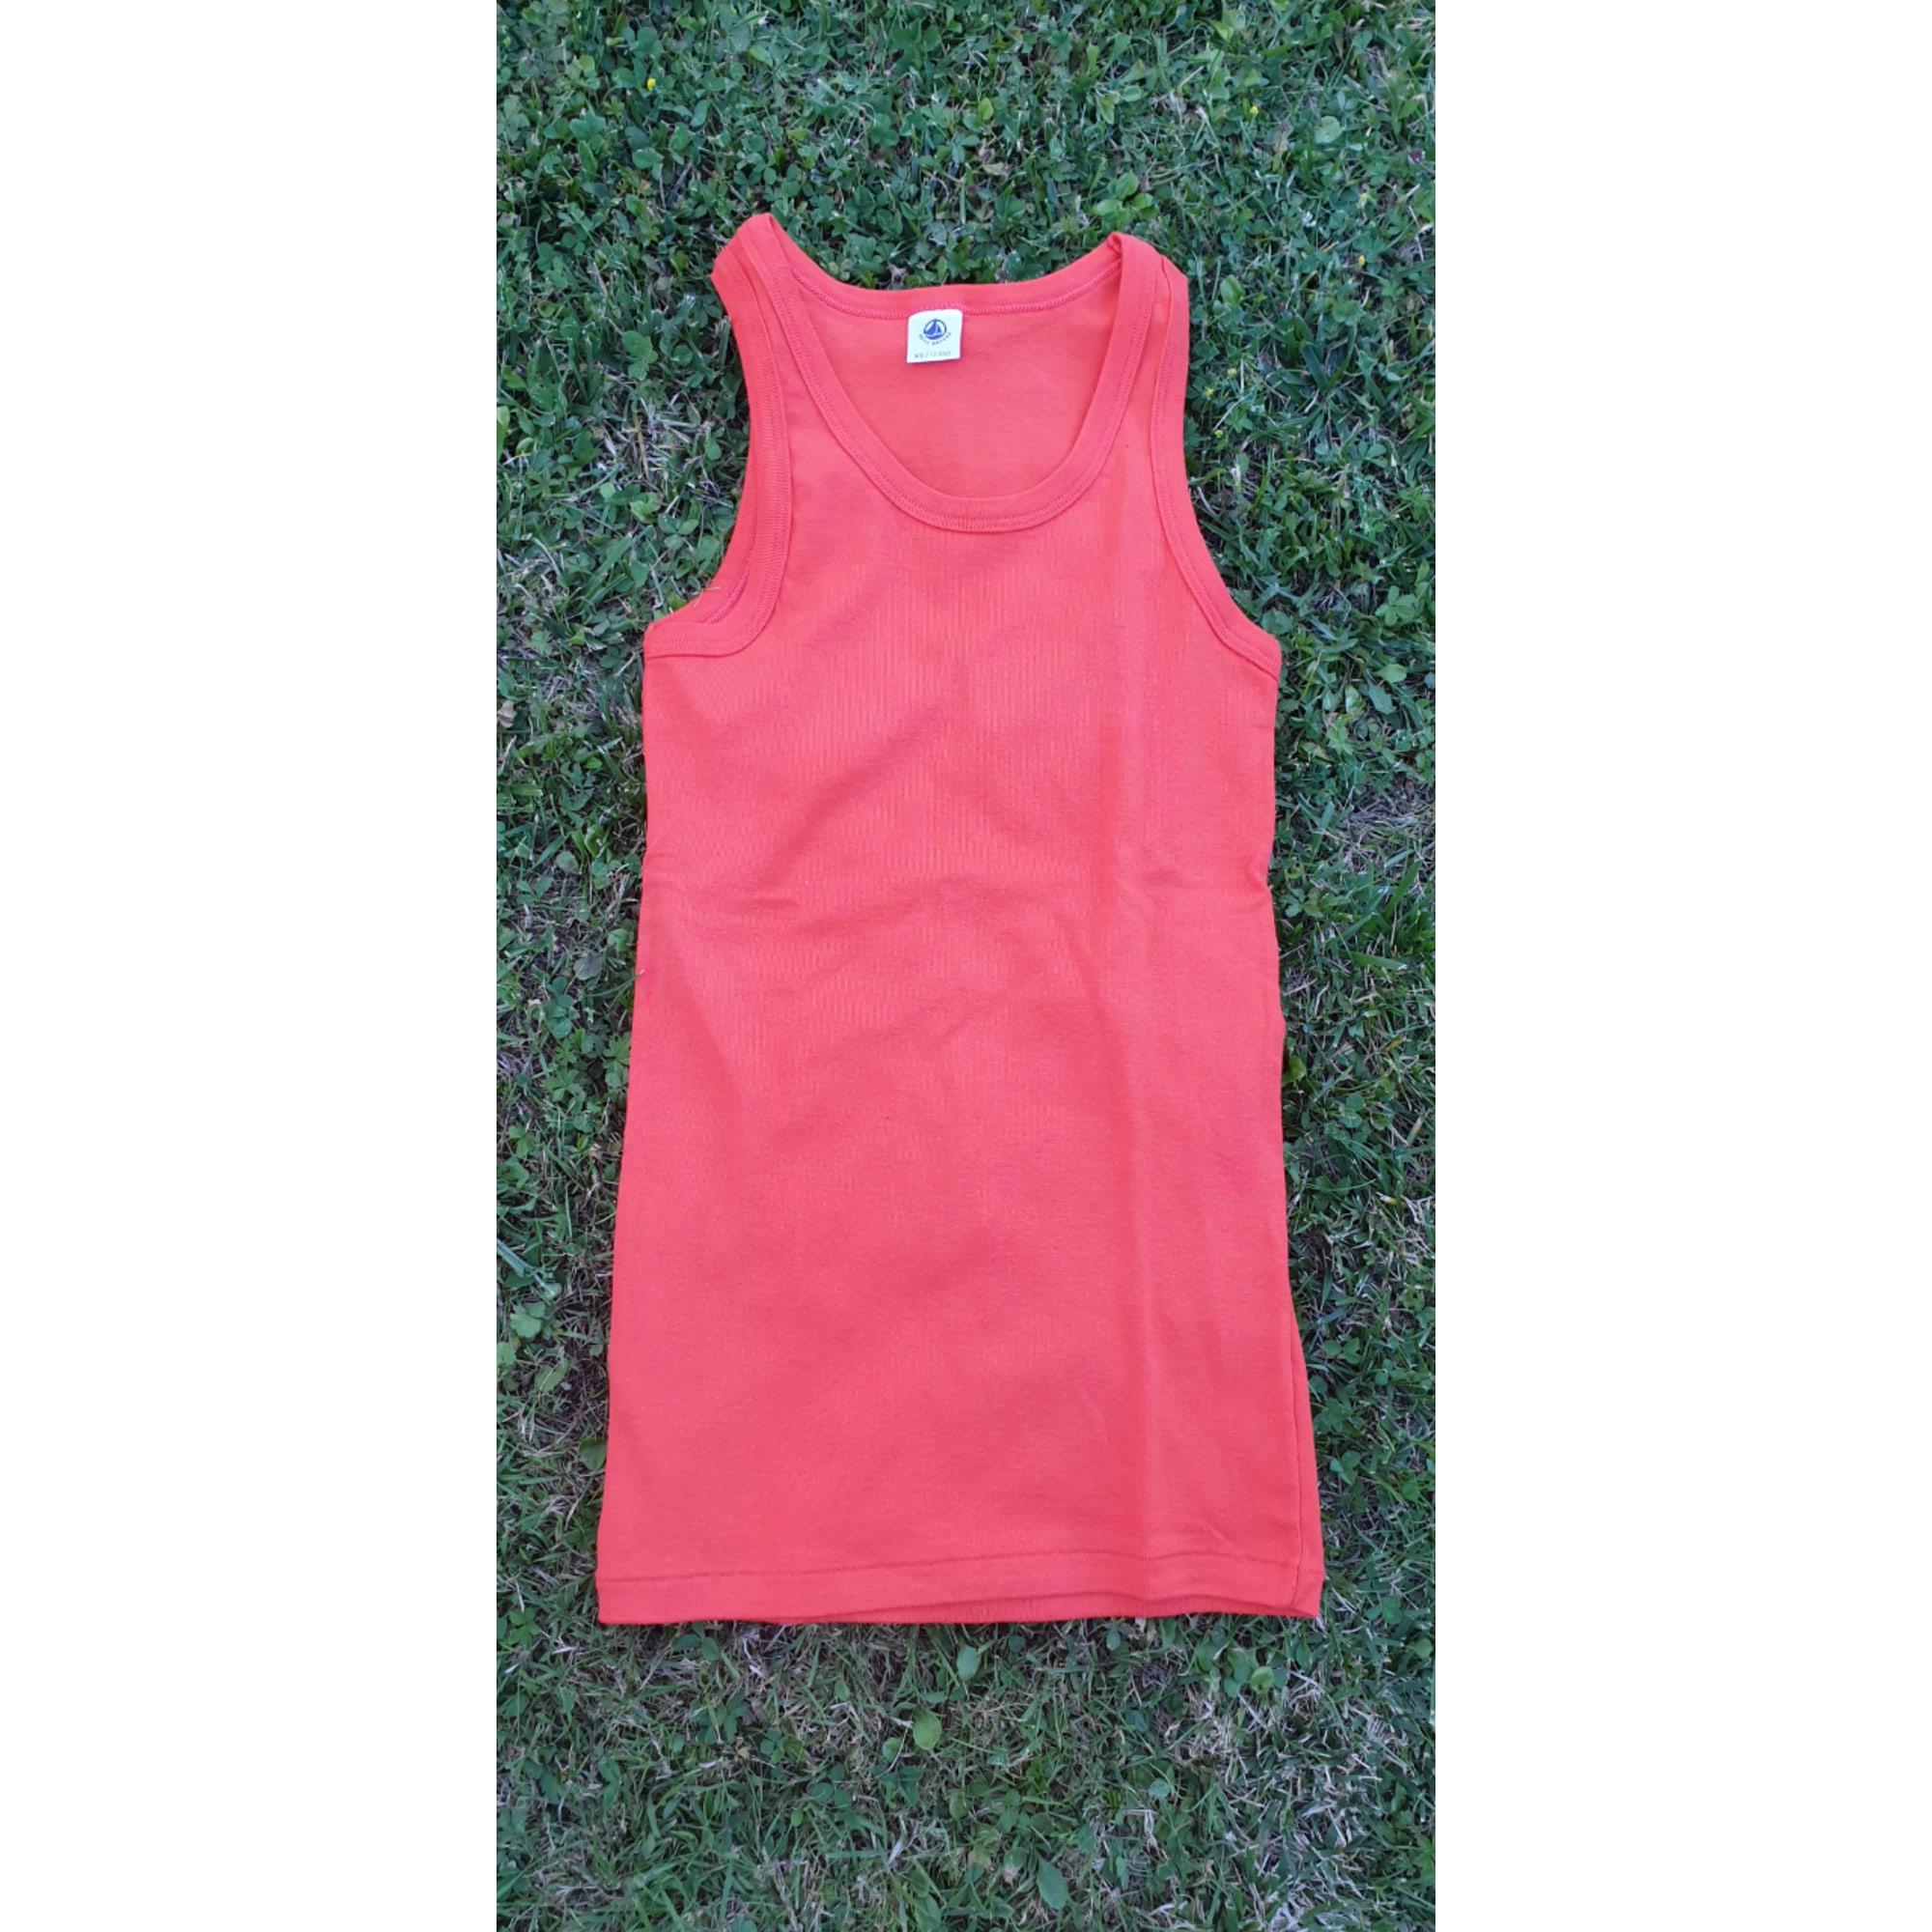 Tee-shirt PETIT BATEAU Rouge, bordeaux